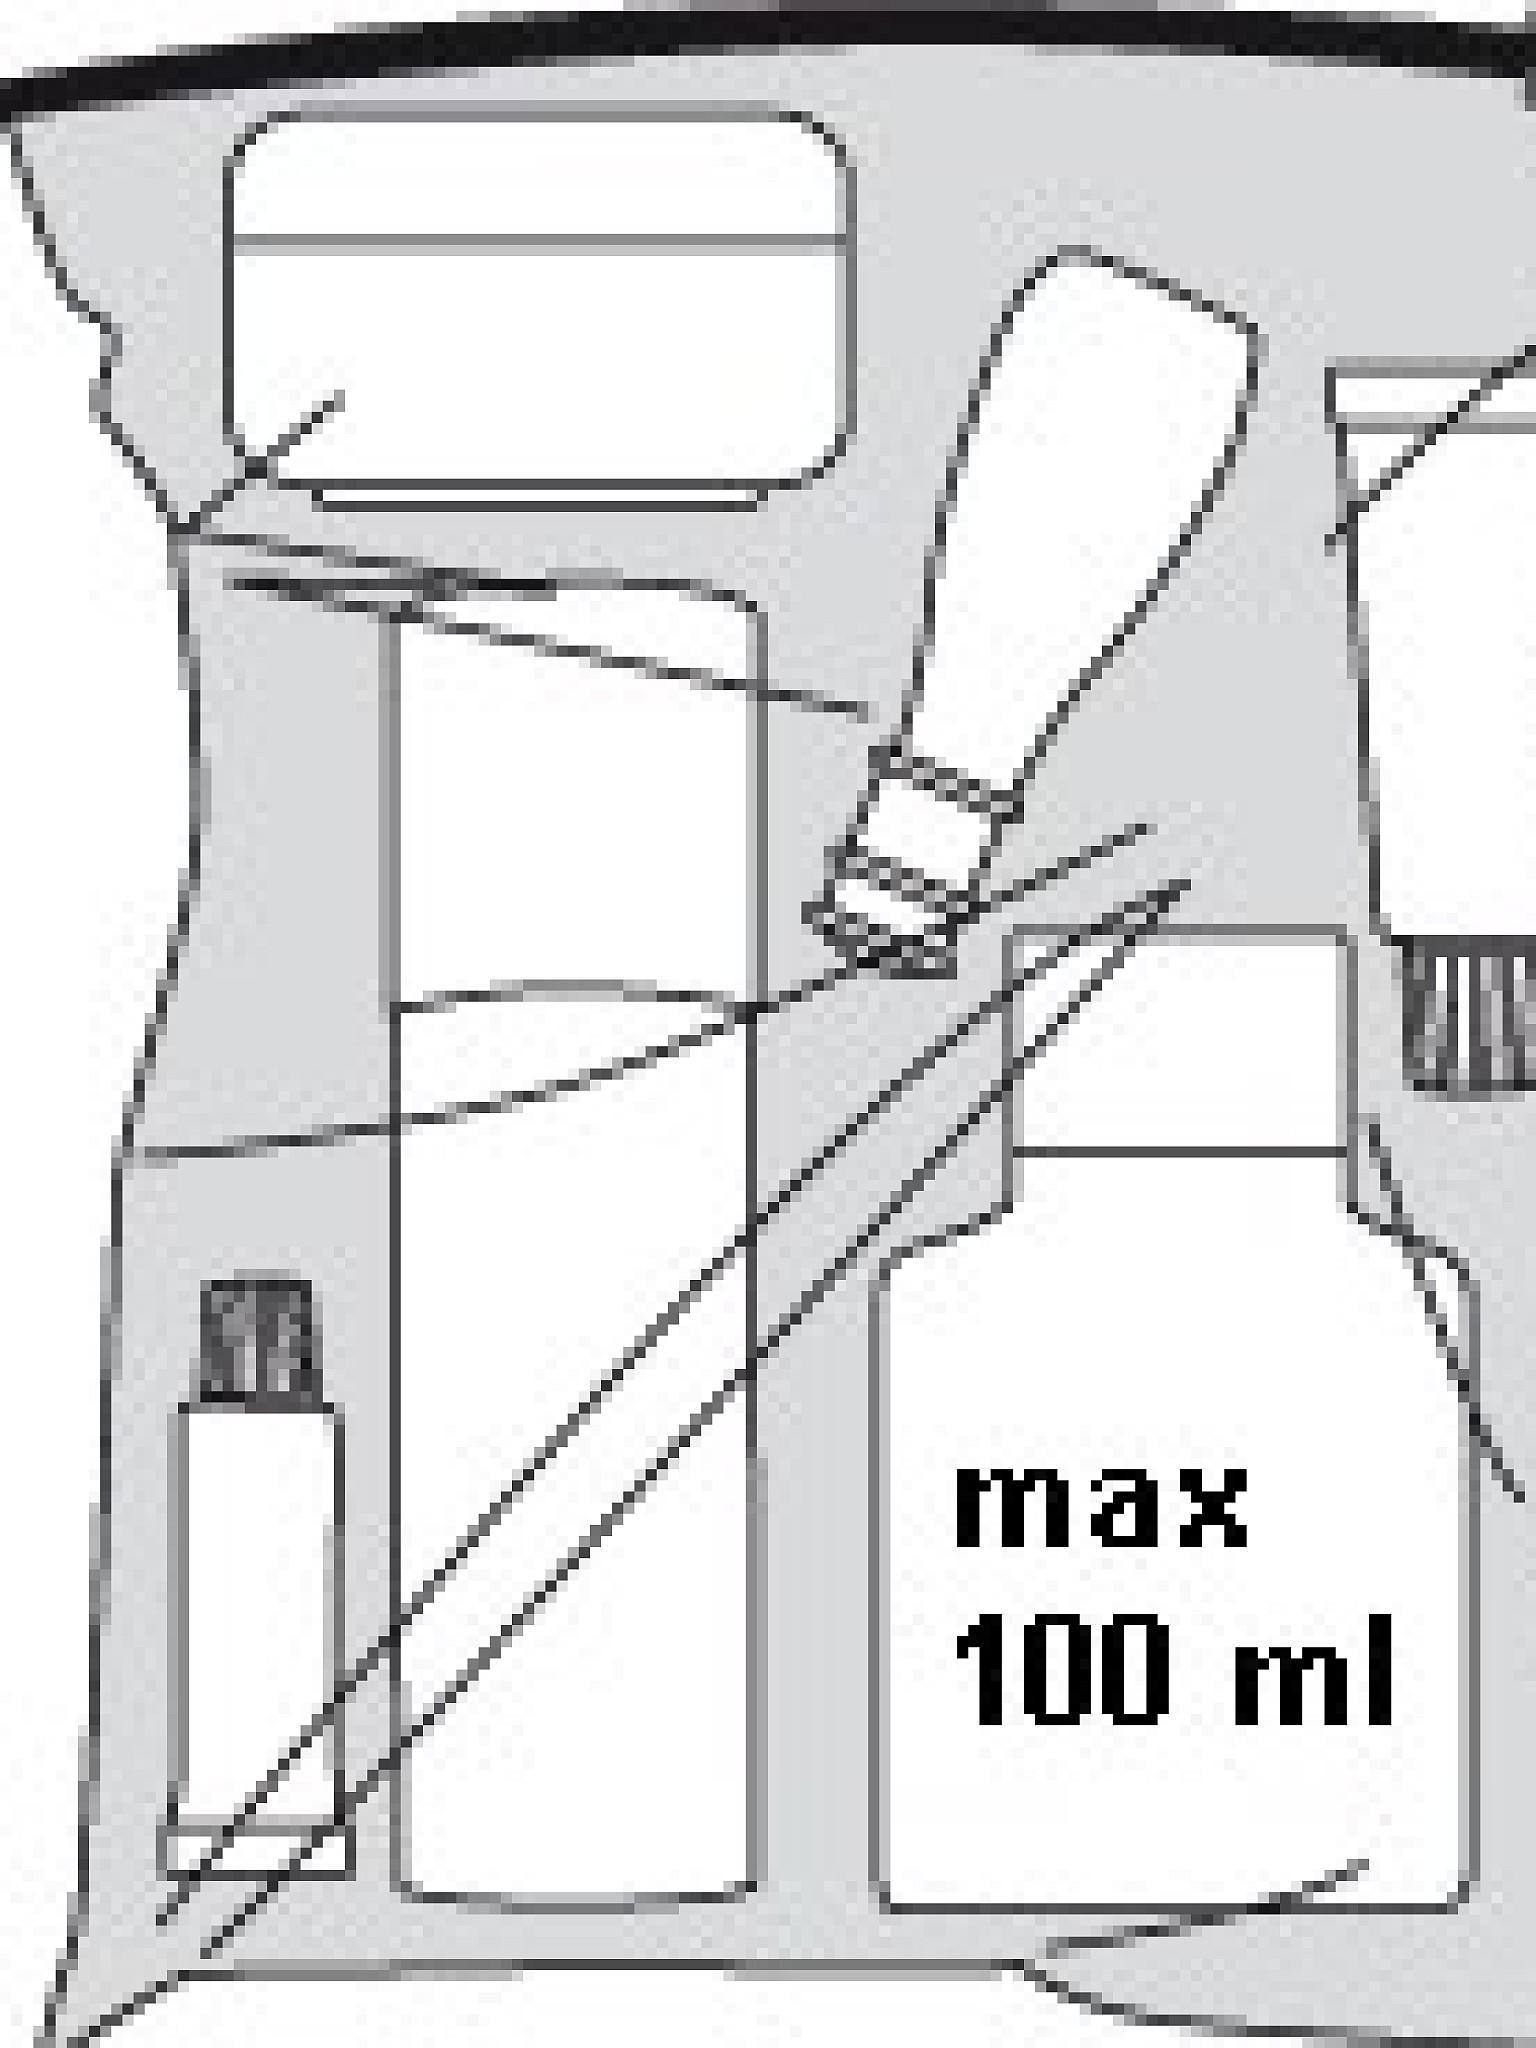 fl ssigkeiten messer und scheren im handgep ck das sind die vorschriften im flugzeug. Black Bedroom Furniture Sets. Home Design Ideas